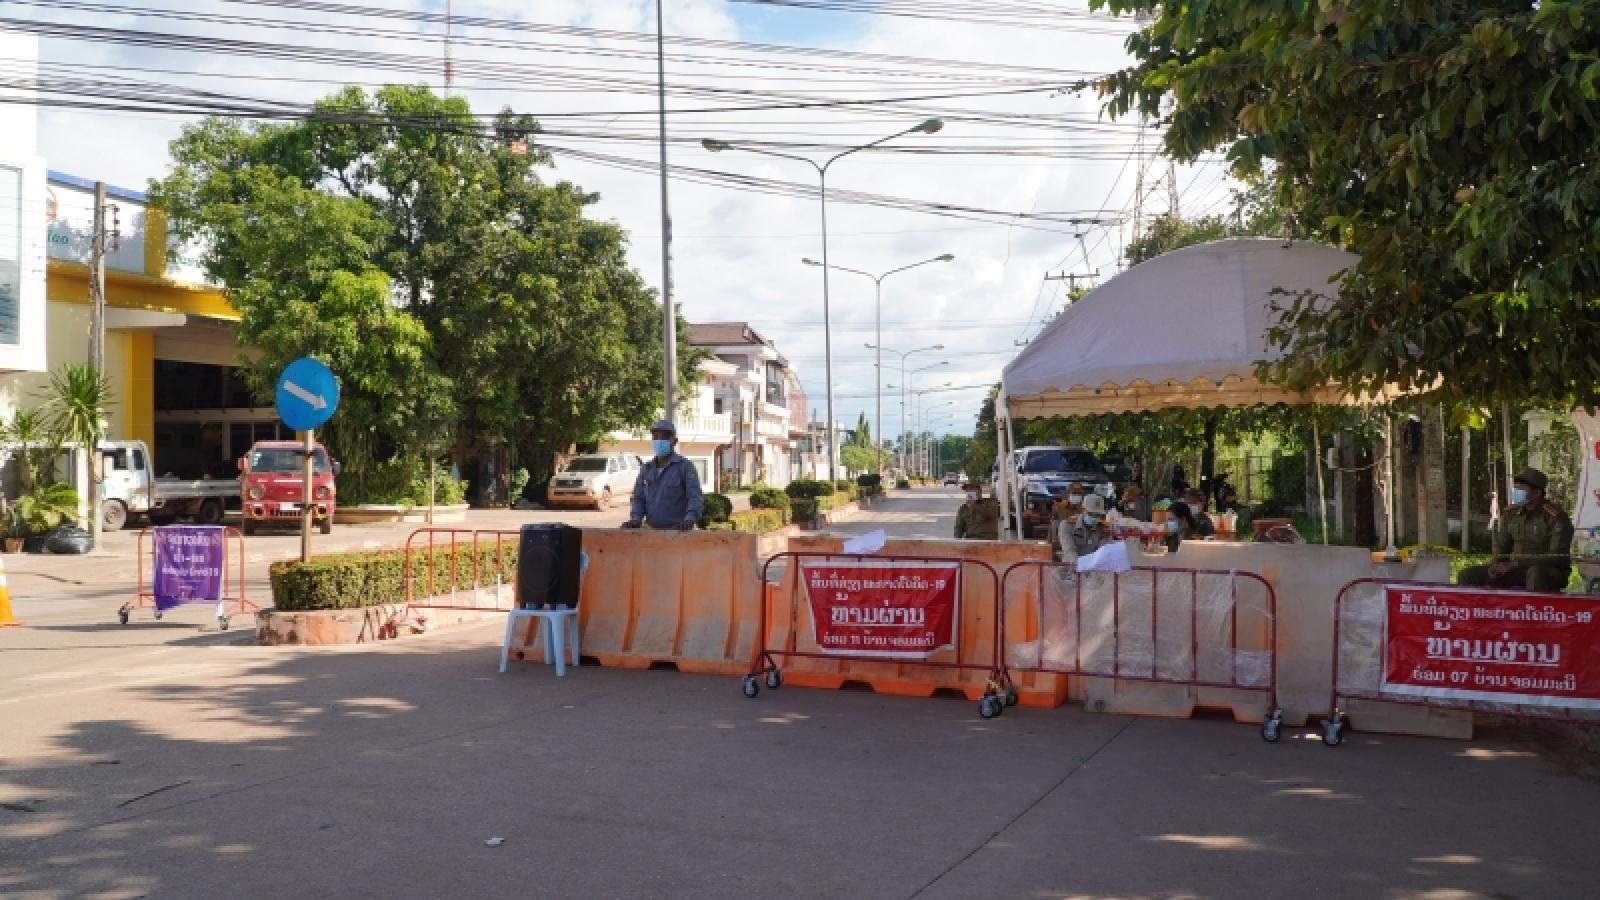 Số ca Covid-19 cộng đồng ở Lào tăng cao, Australia sợ bệnh viện quá tải khi dỡ phong tỏa